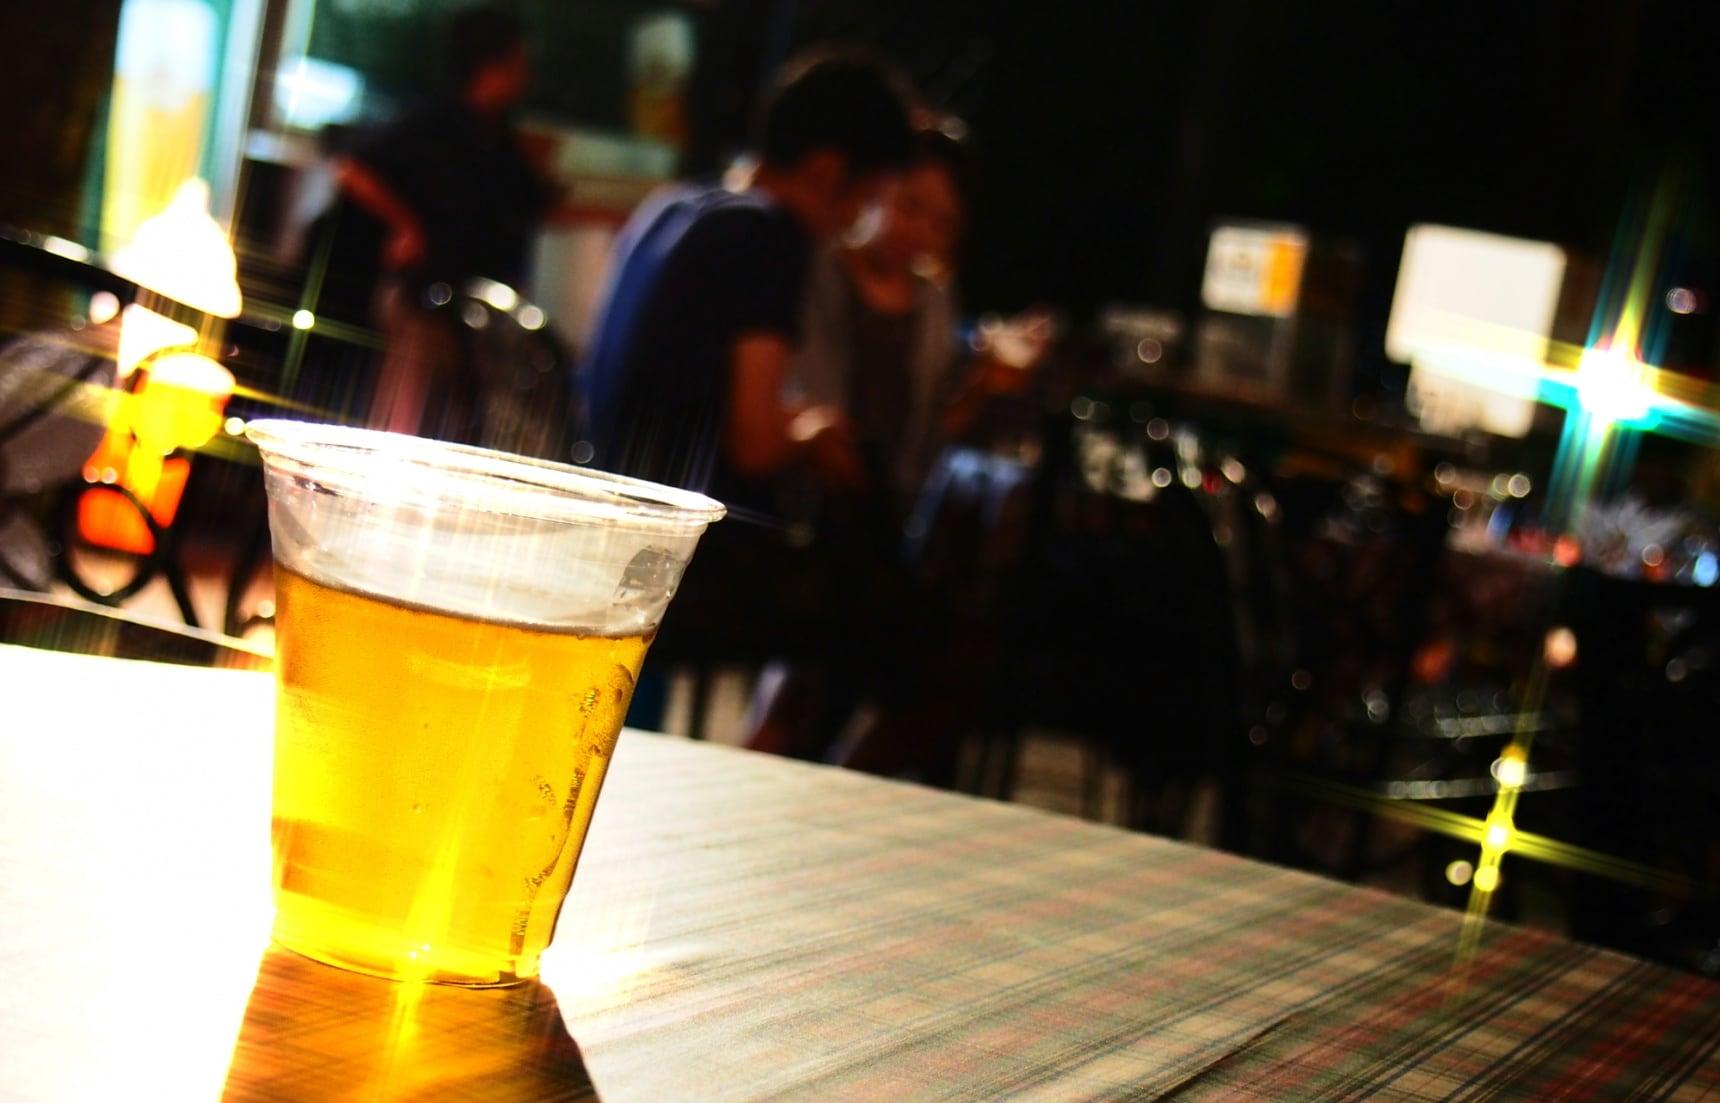 【東京美食】盛夏就是要來杯沁涼的啤酒!全席禁菸的露天啤酒花園6選